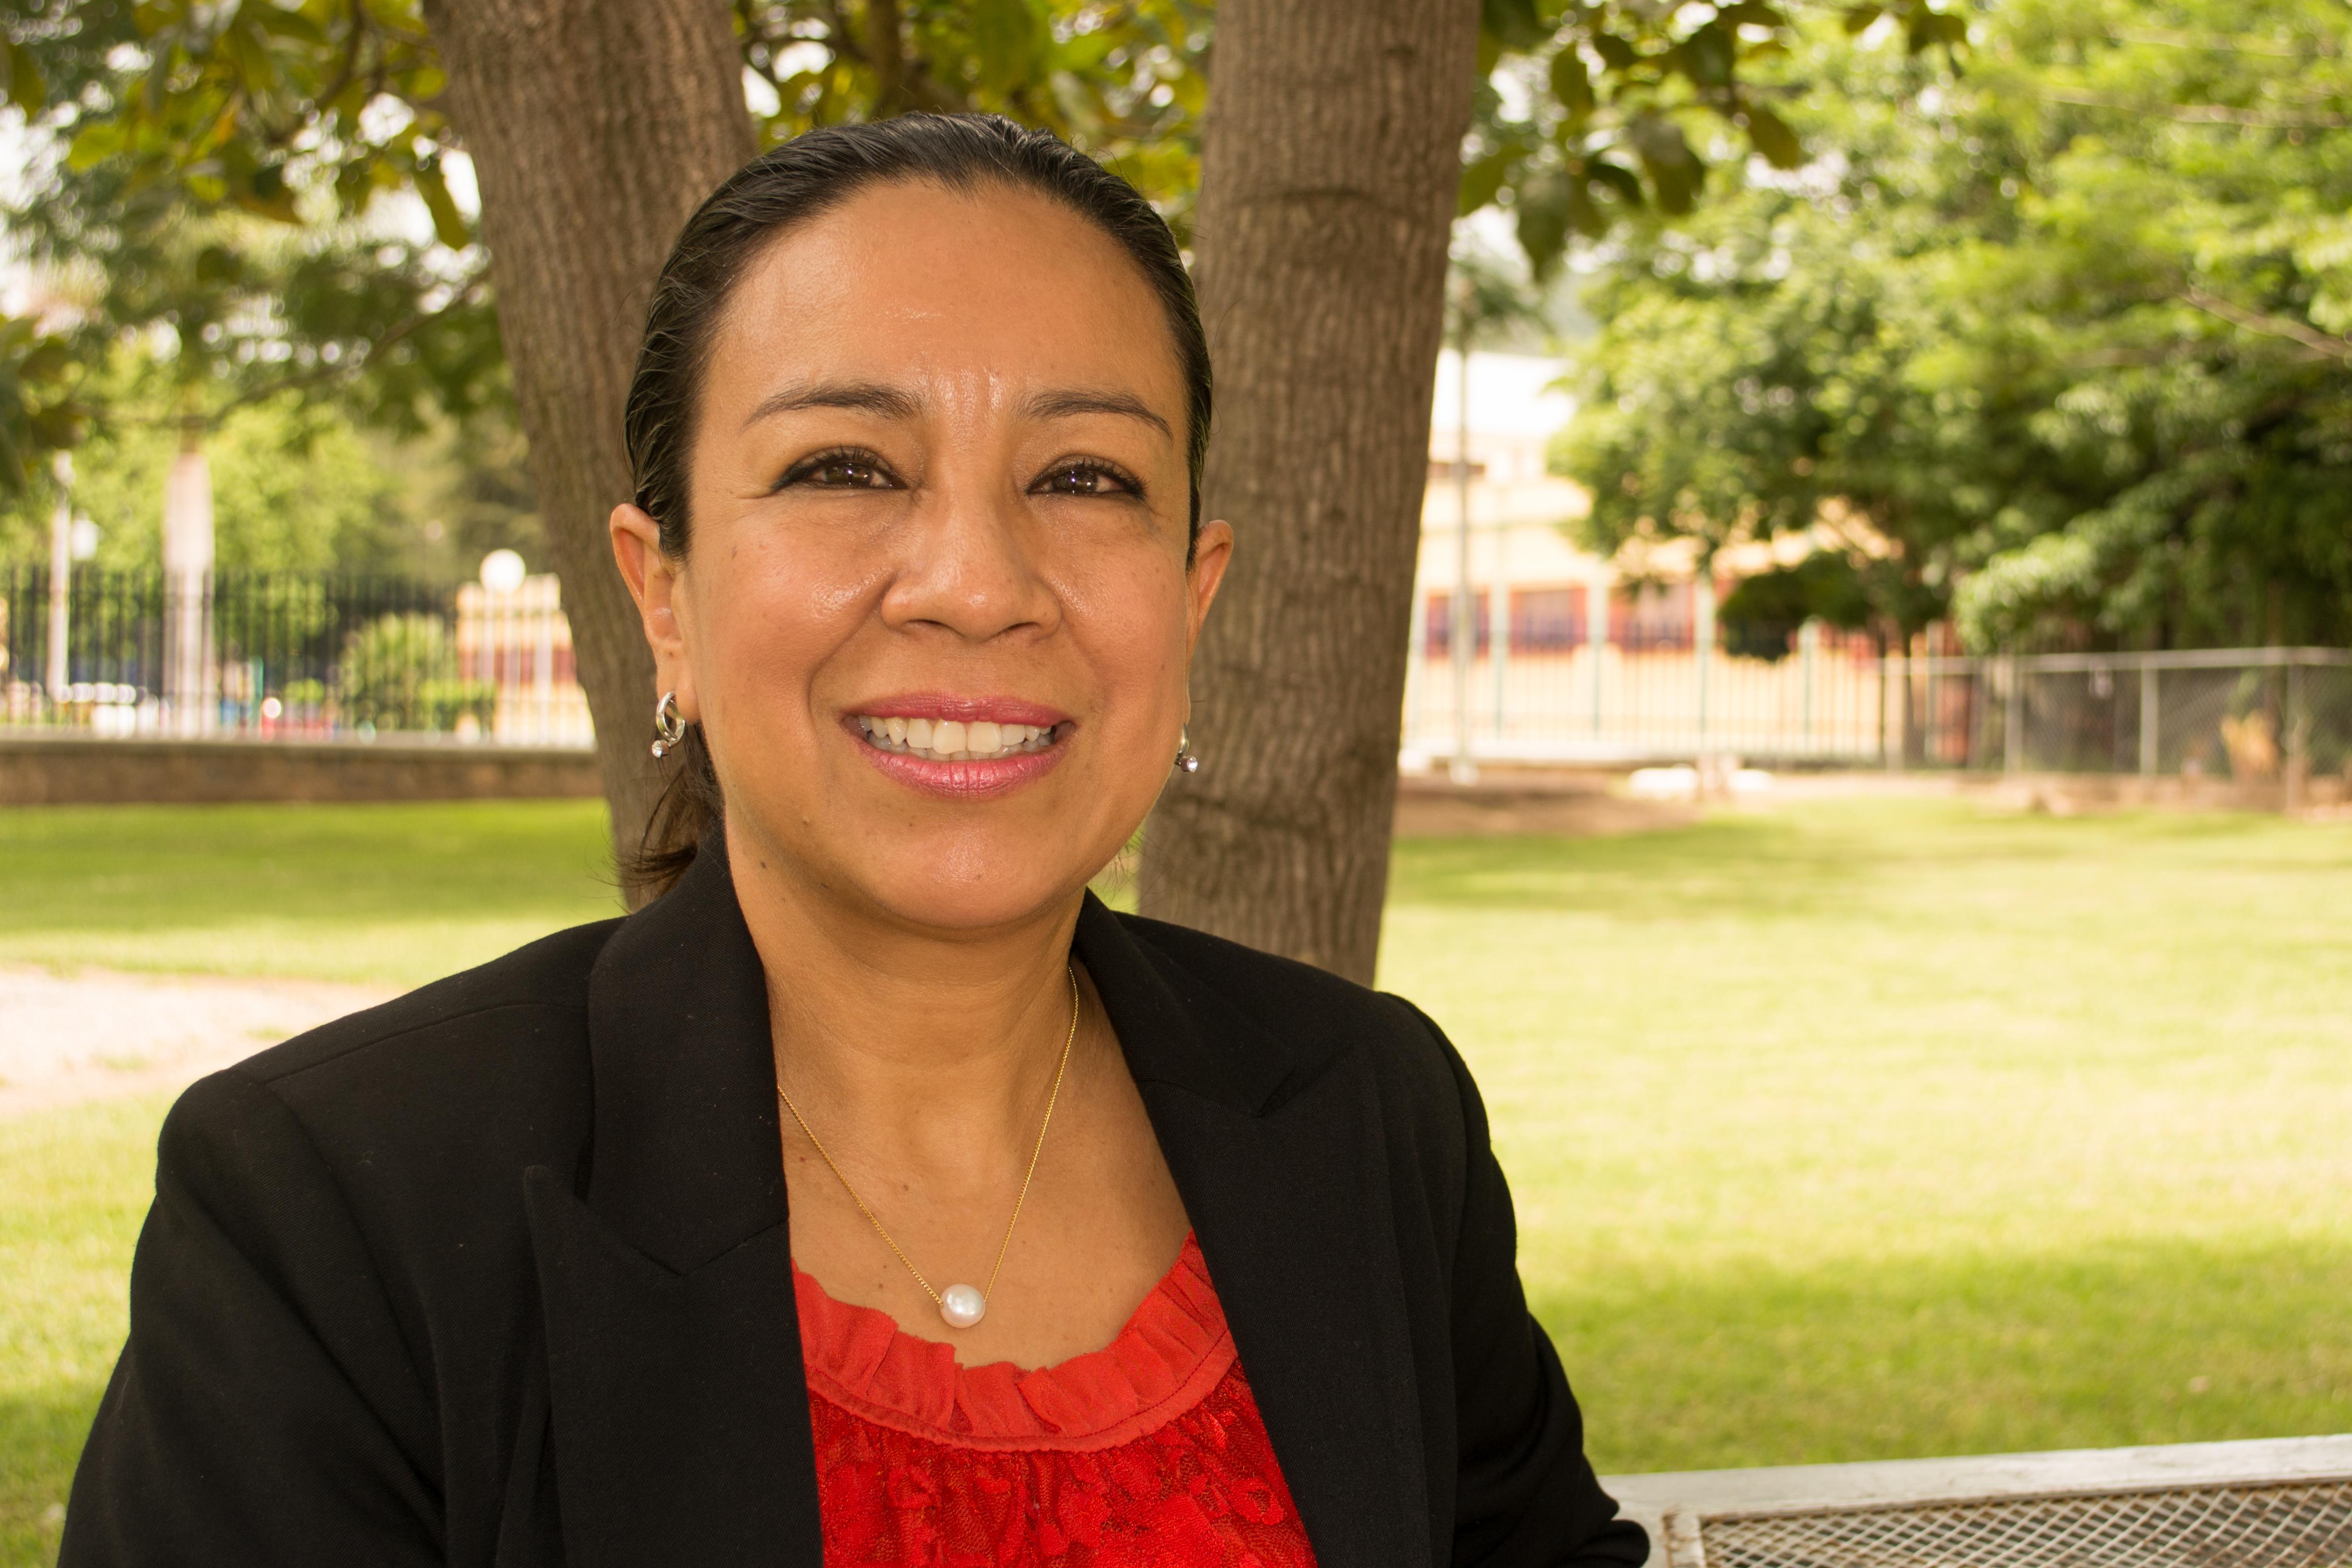 Ornitóloga especialista en colibríes, doctora Sarahy Contreras-Martínez,